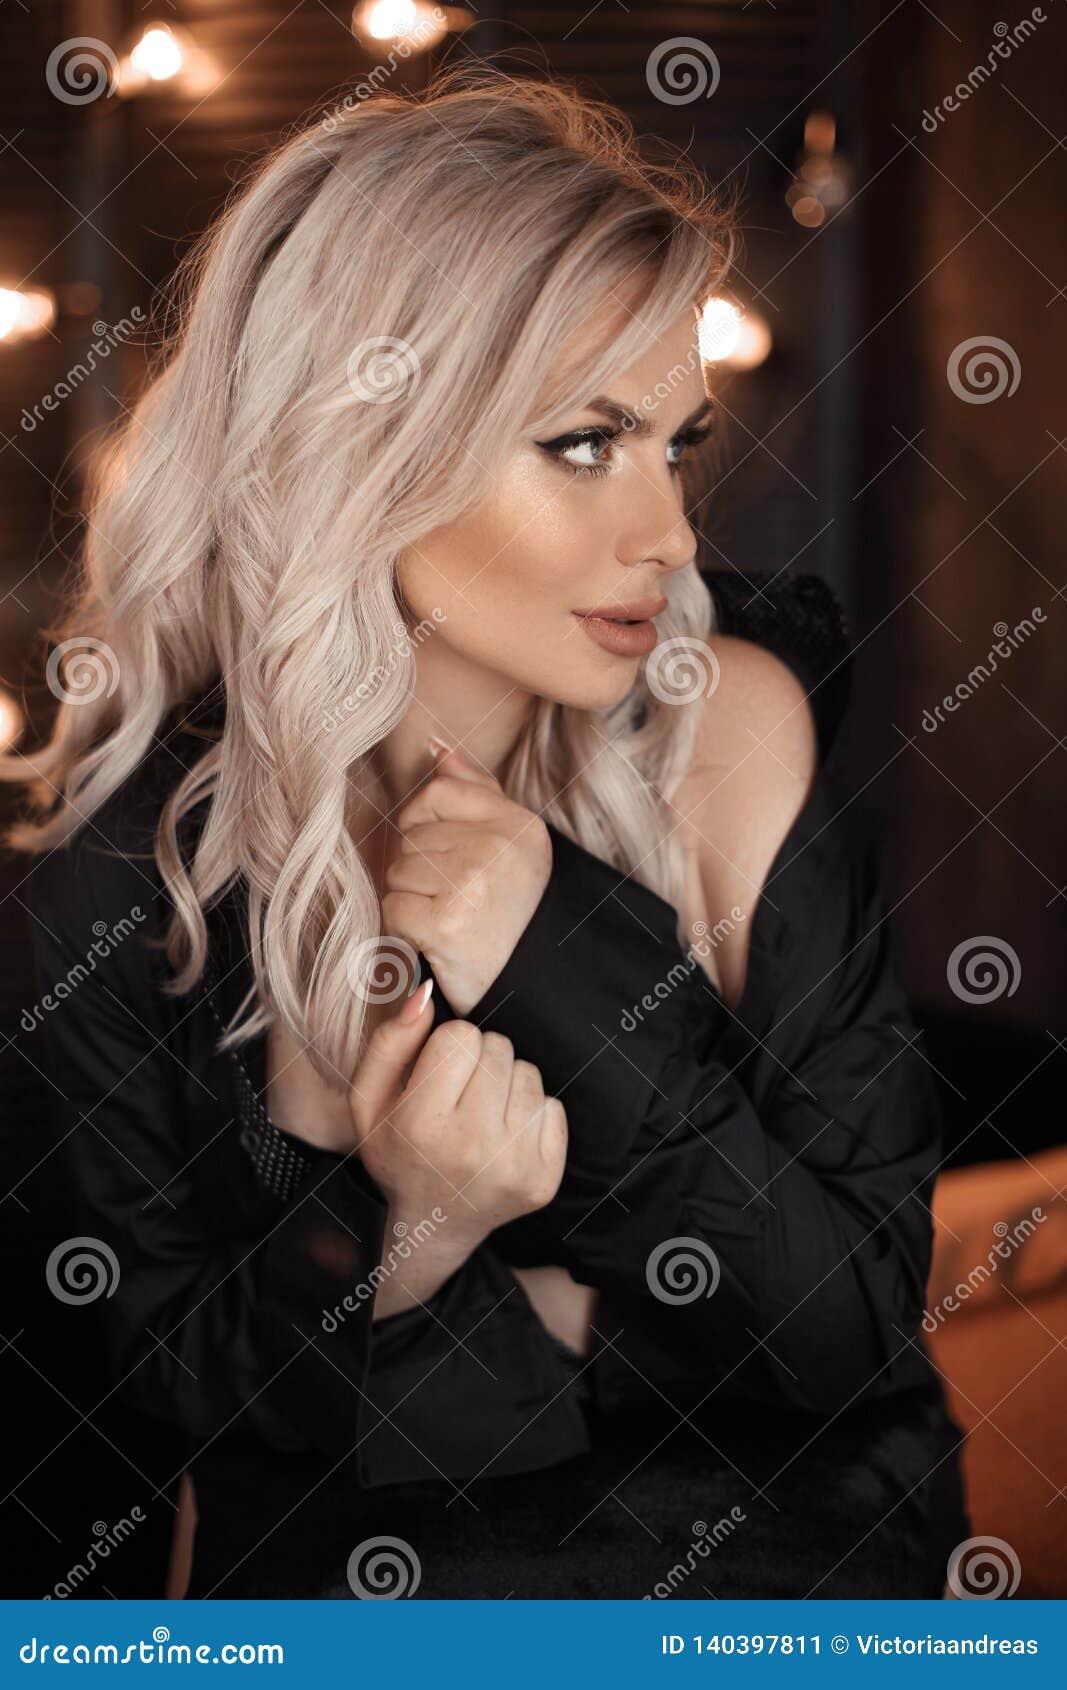 Fryzury Piękny blondynki kobiety portret pozuje w czarnej koszula Modny blond dziewczyna model nad bokeh zaświeca ciemnego tło